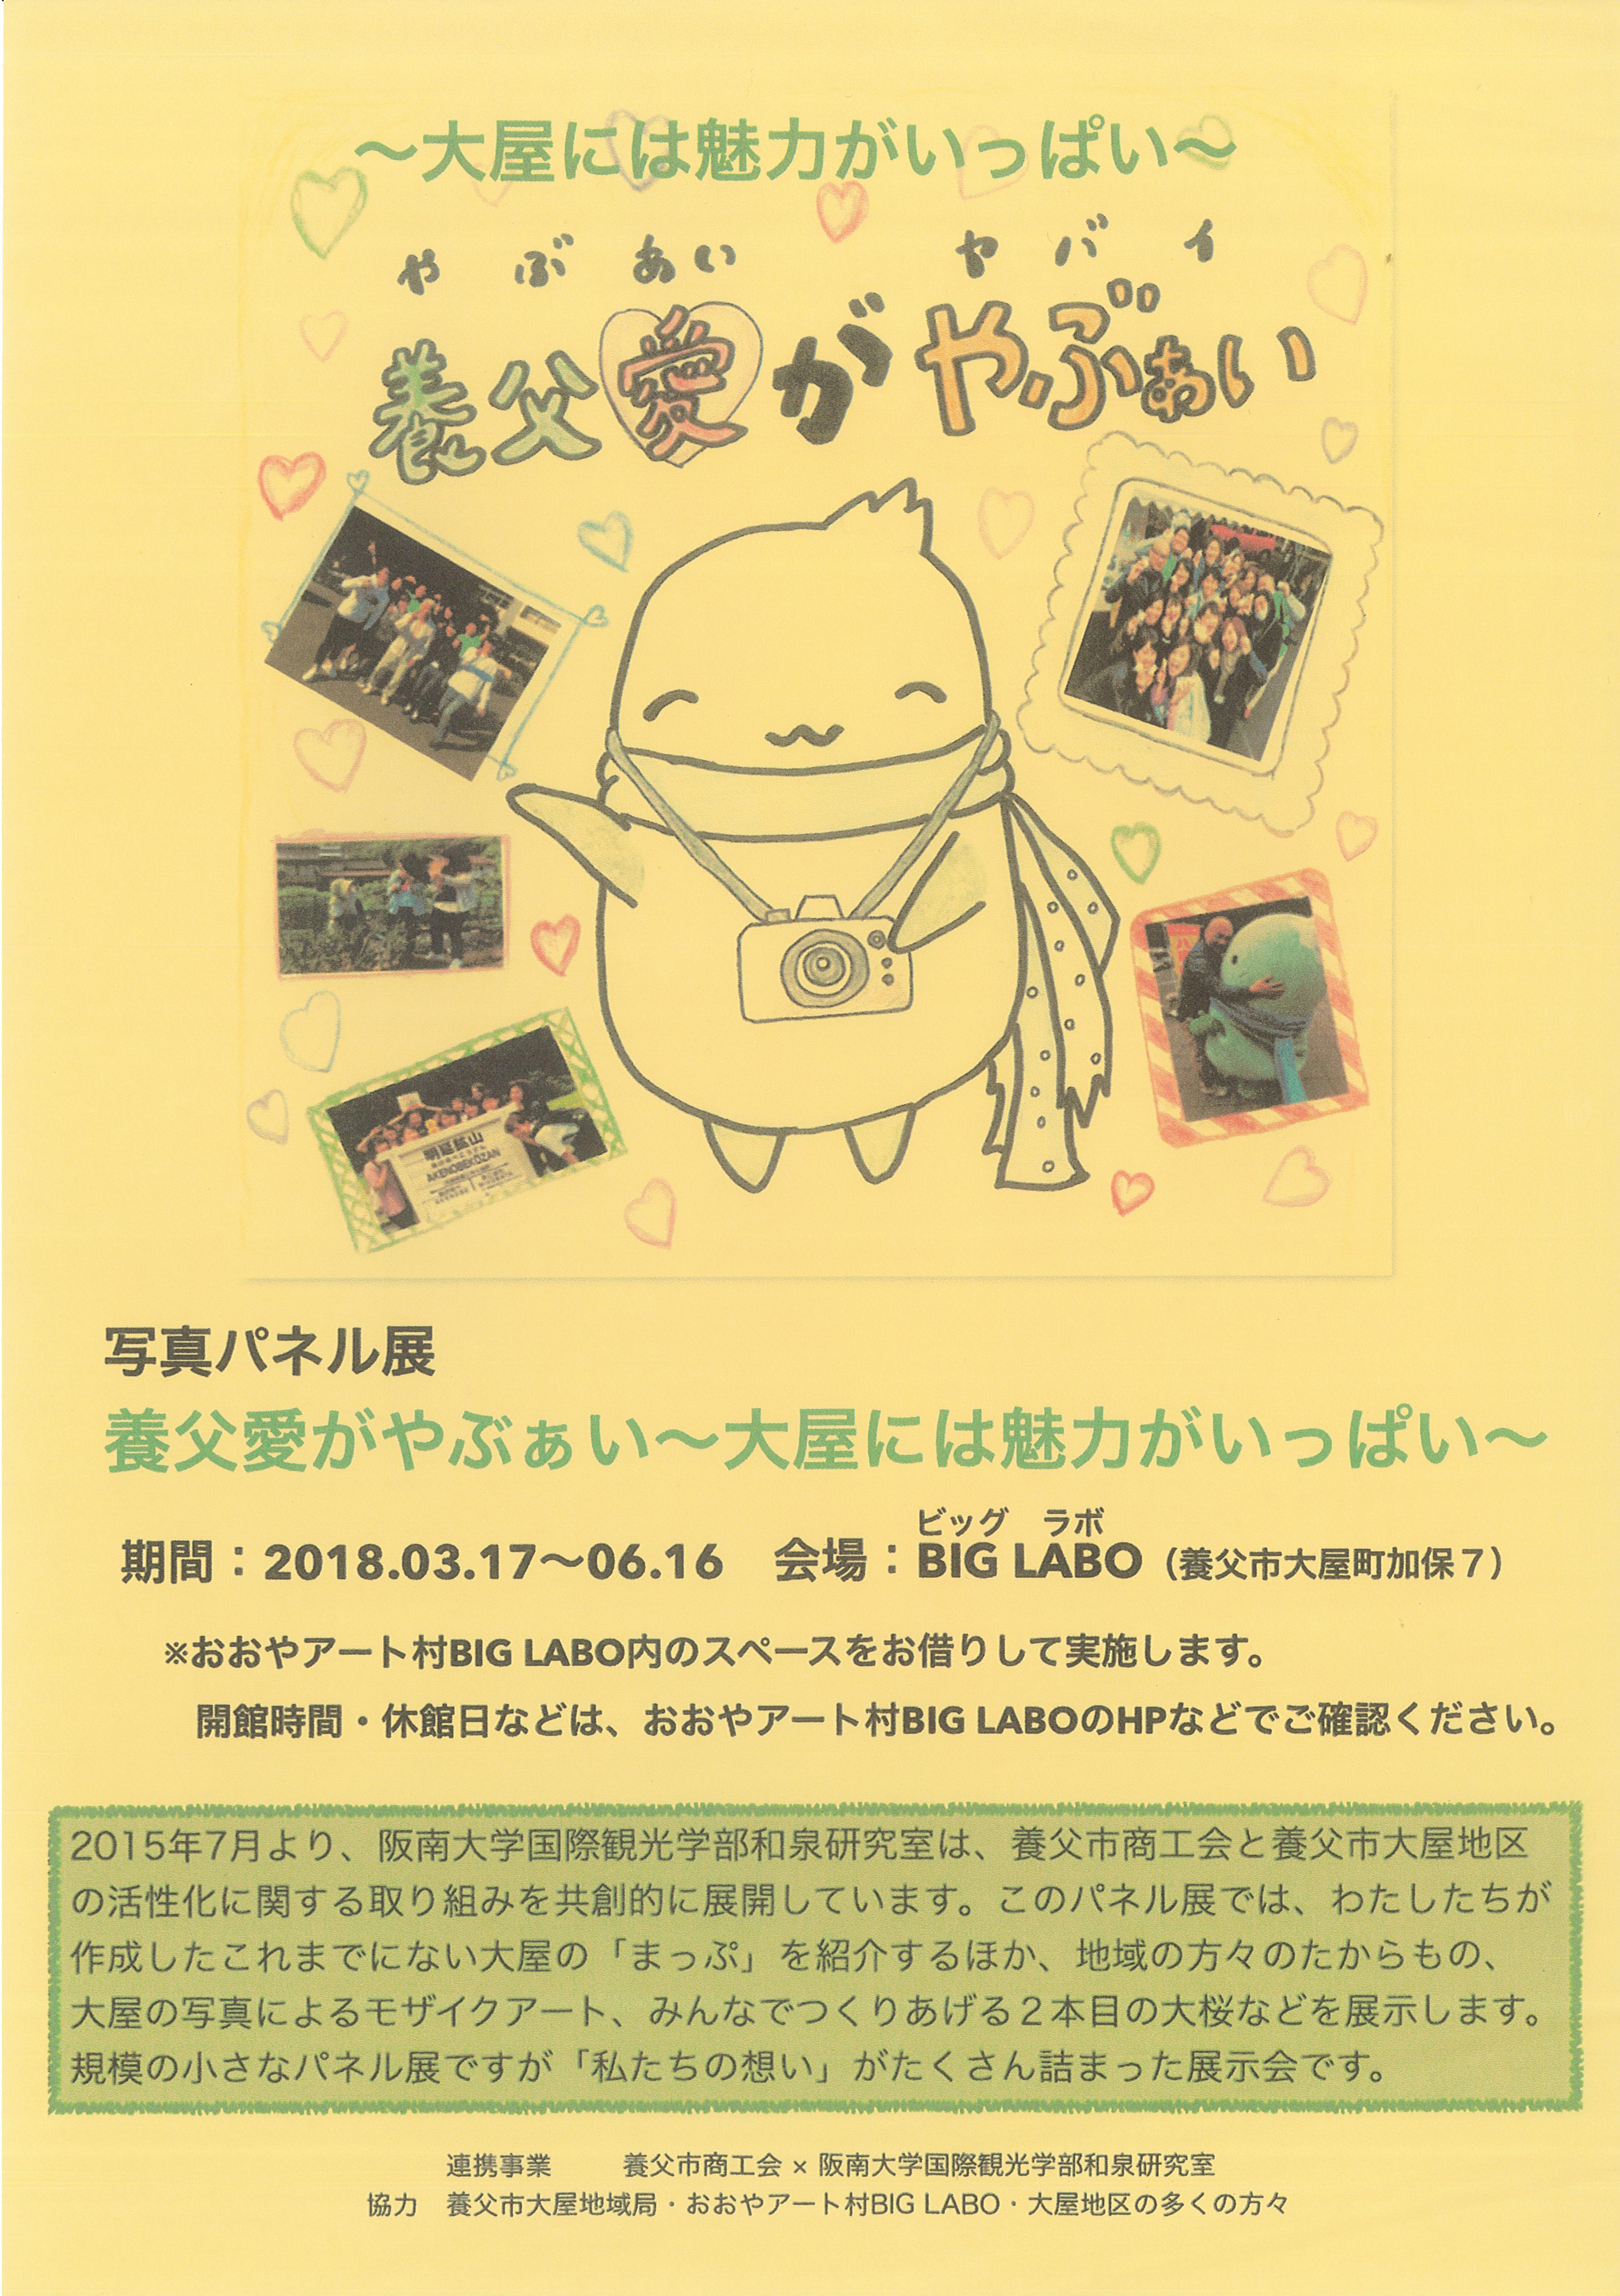 【イベント情報】 写真パネル展 開催!!(阪南大学国際観光学部)